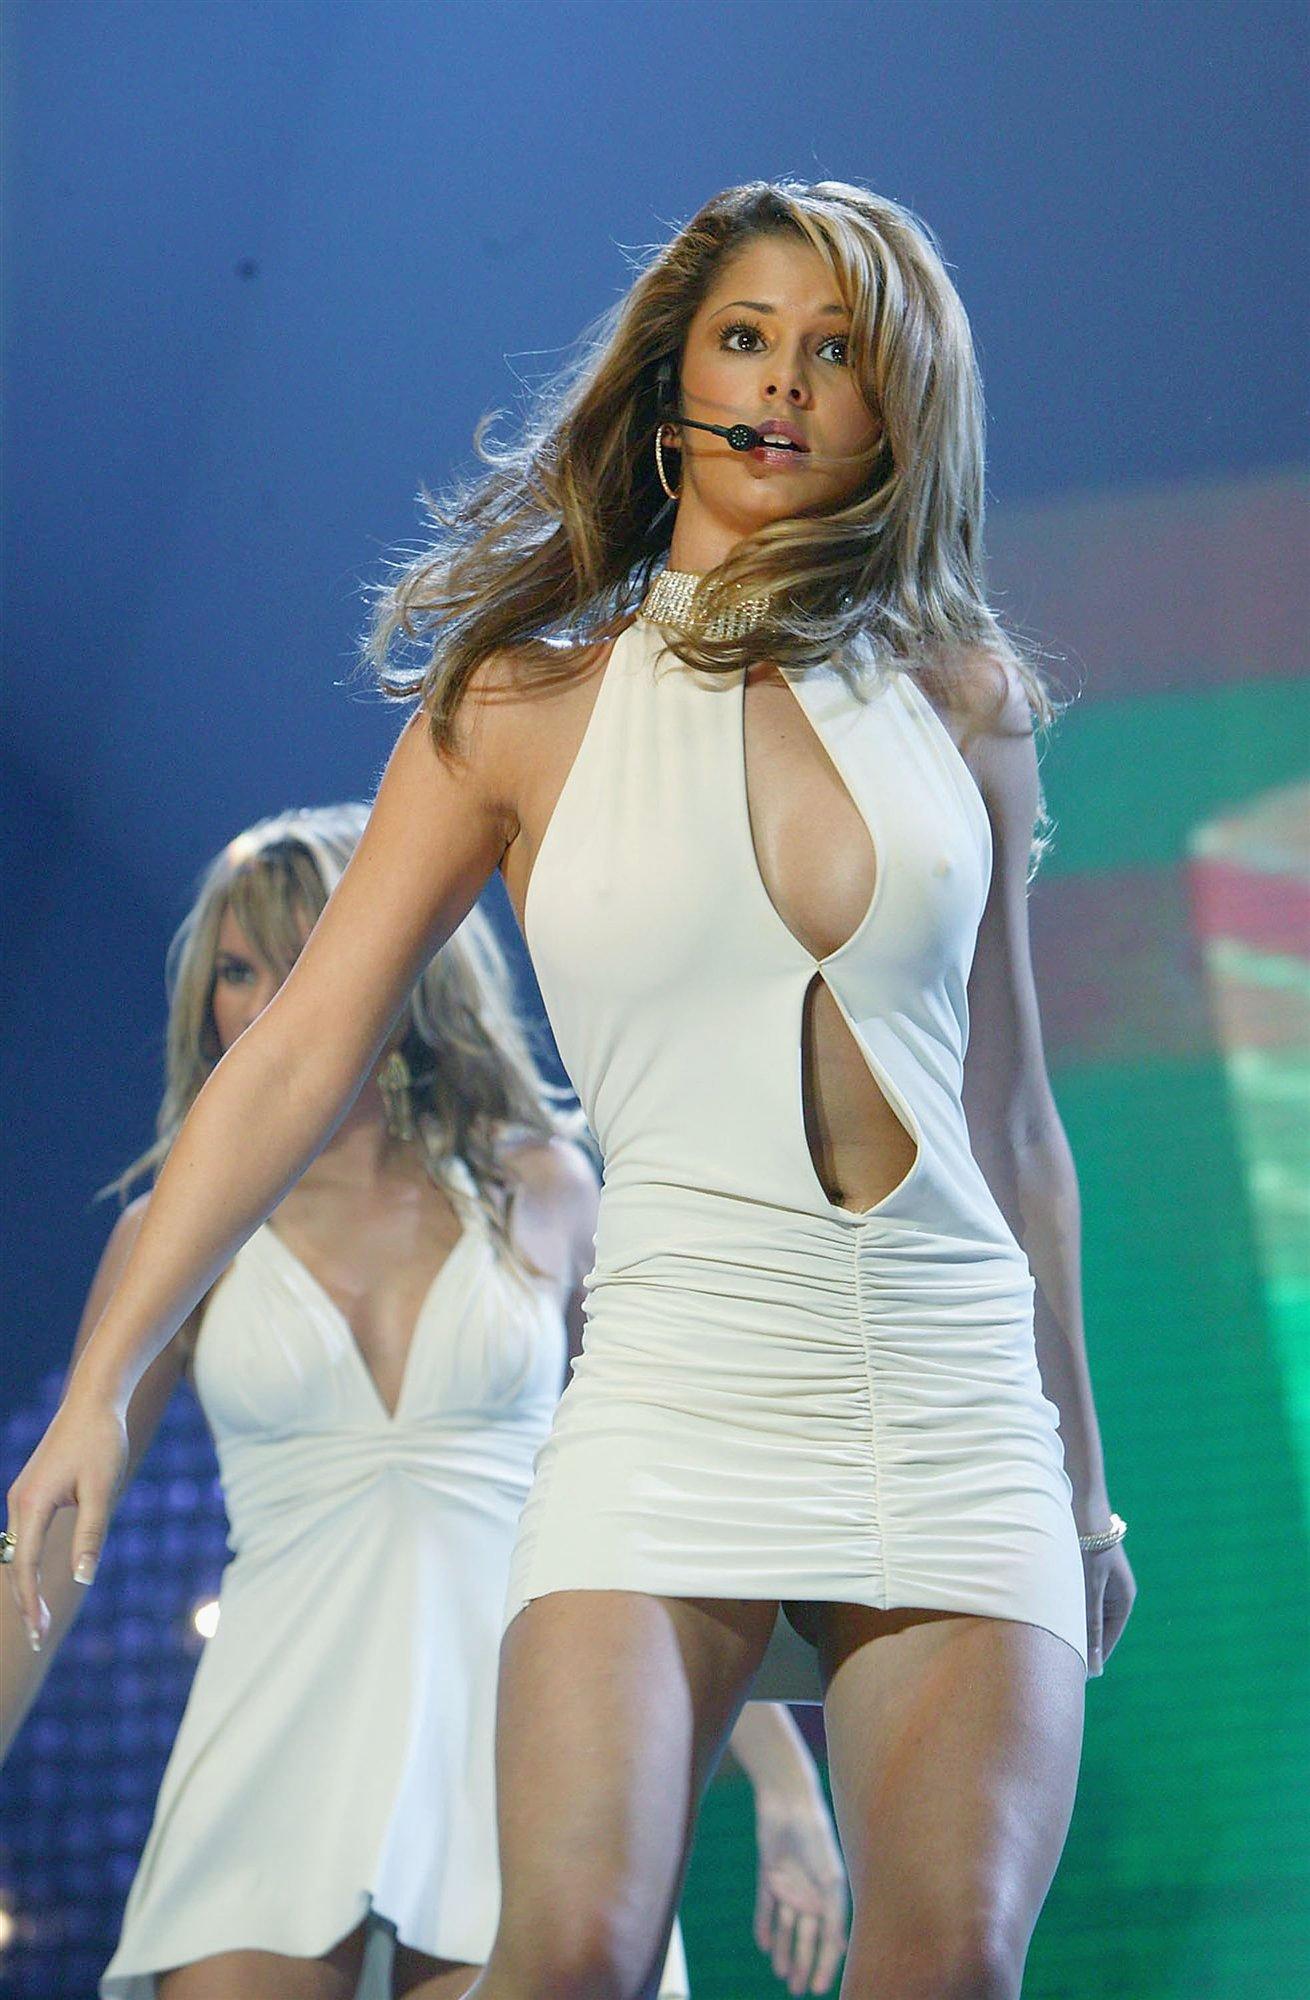 Фото под юбками на сцене